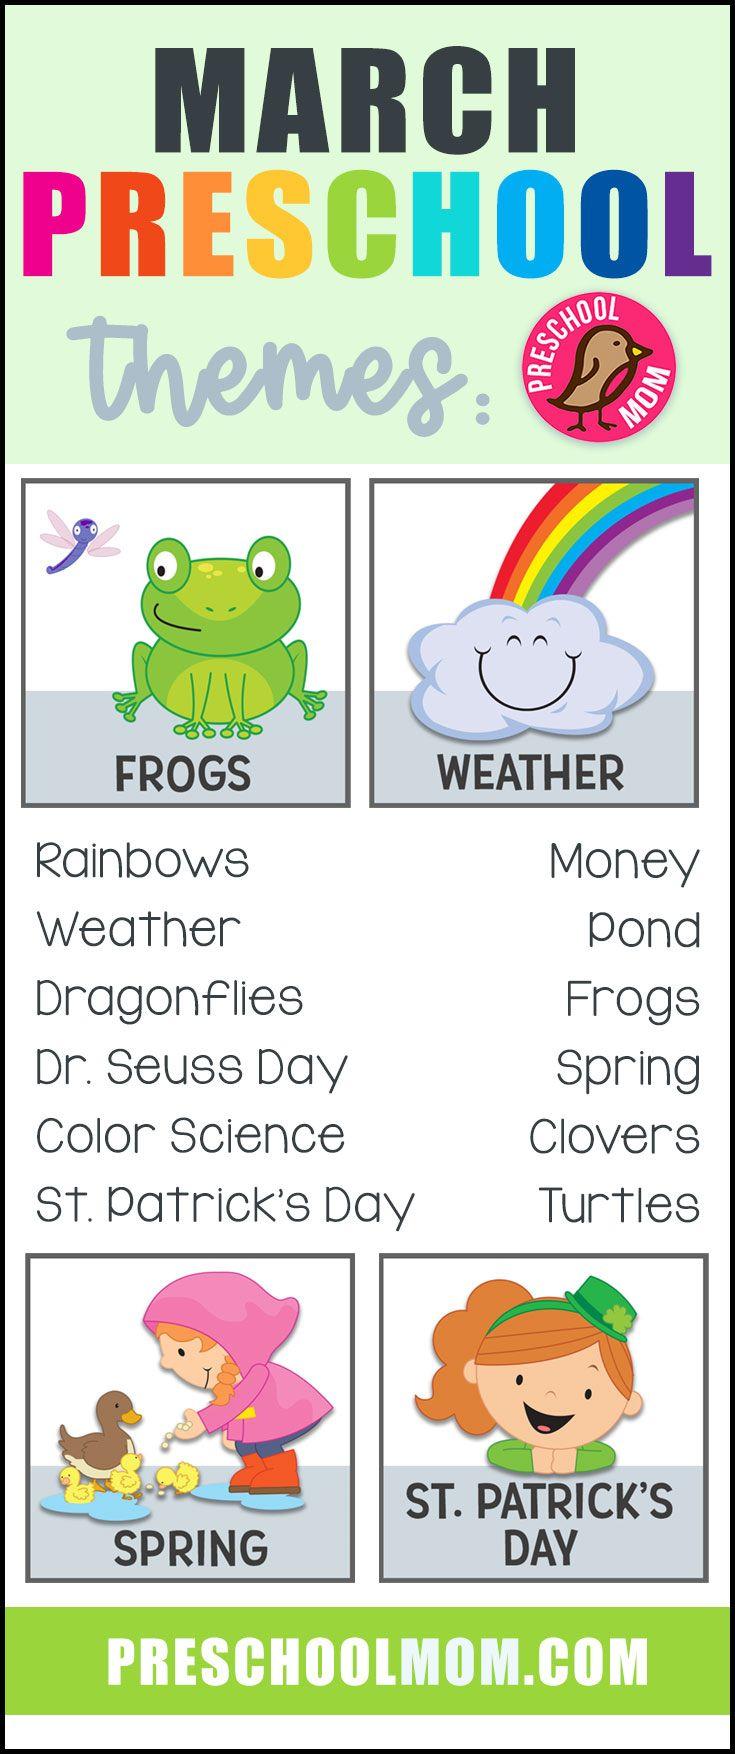 March Preschool Themes